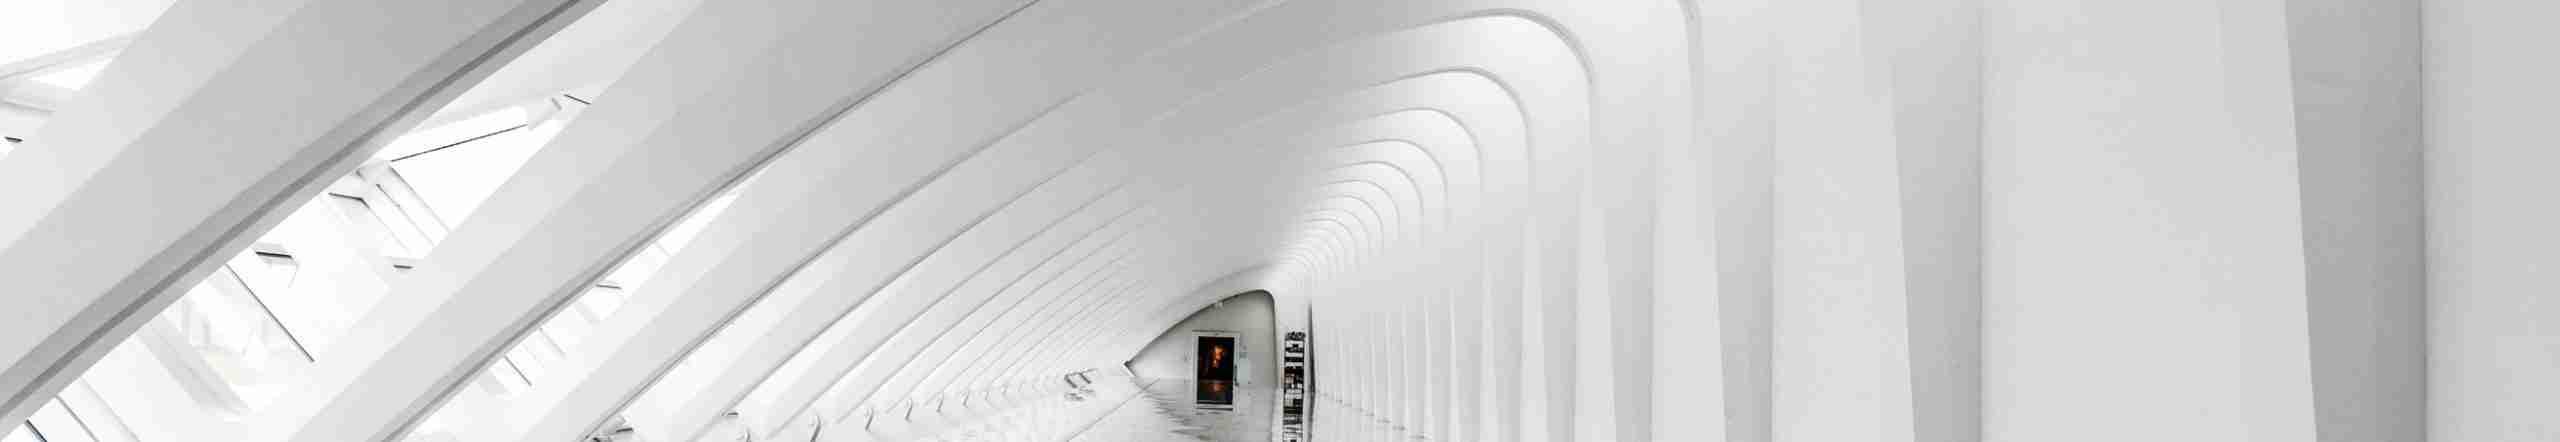 02 arquitectura